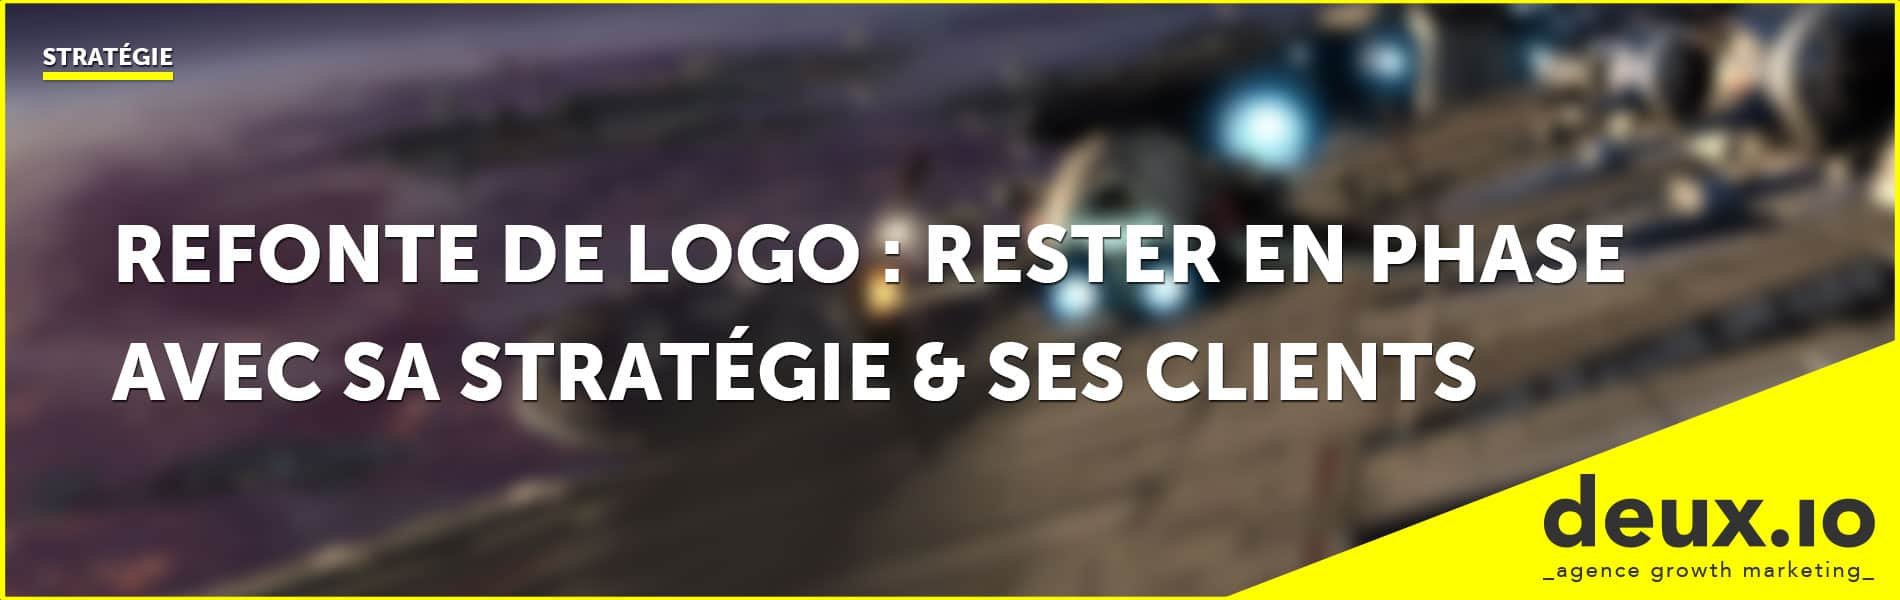 refonte de logo rester en phase avec sa stratégie et ses clients infographie